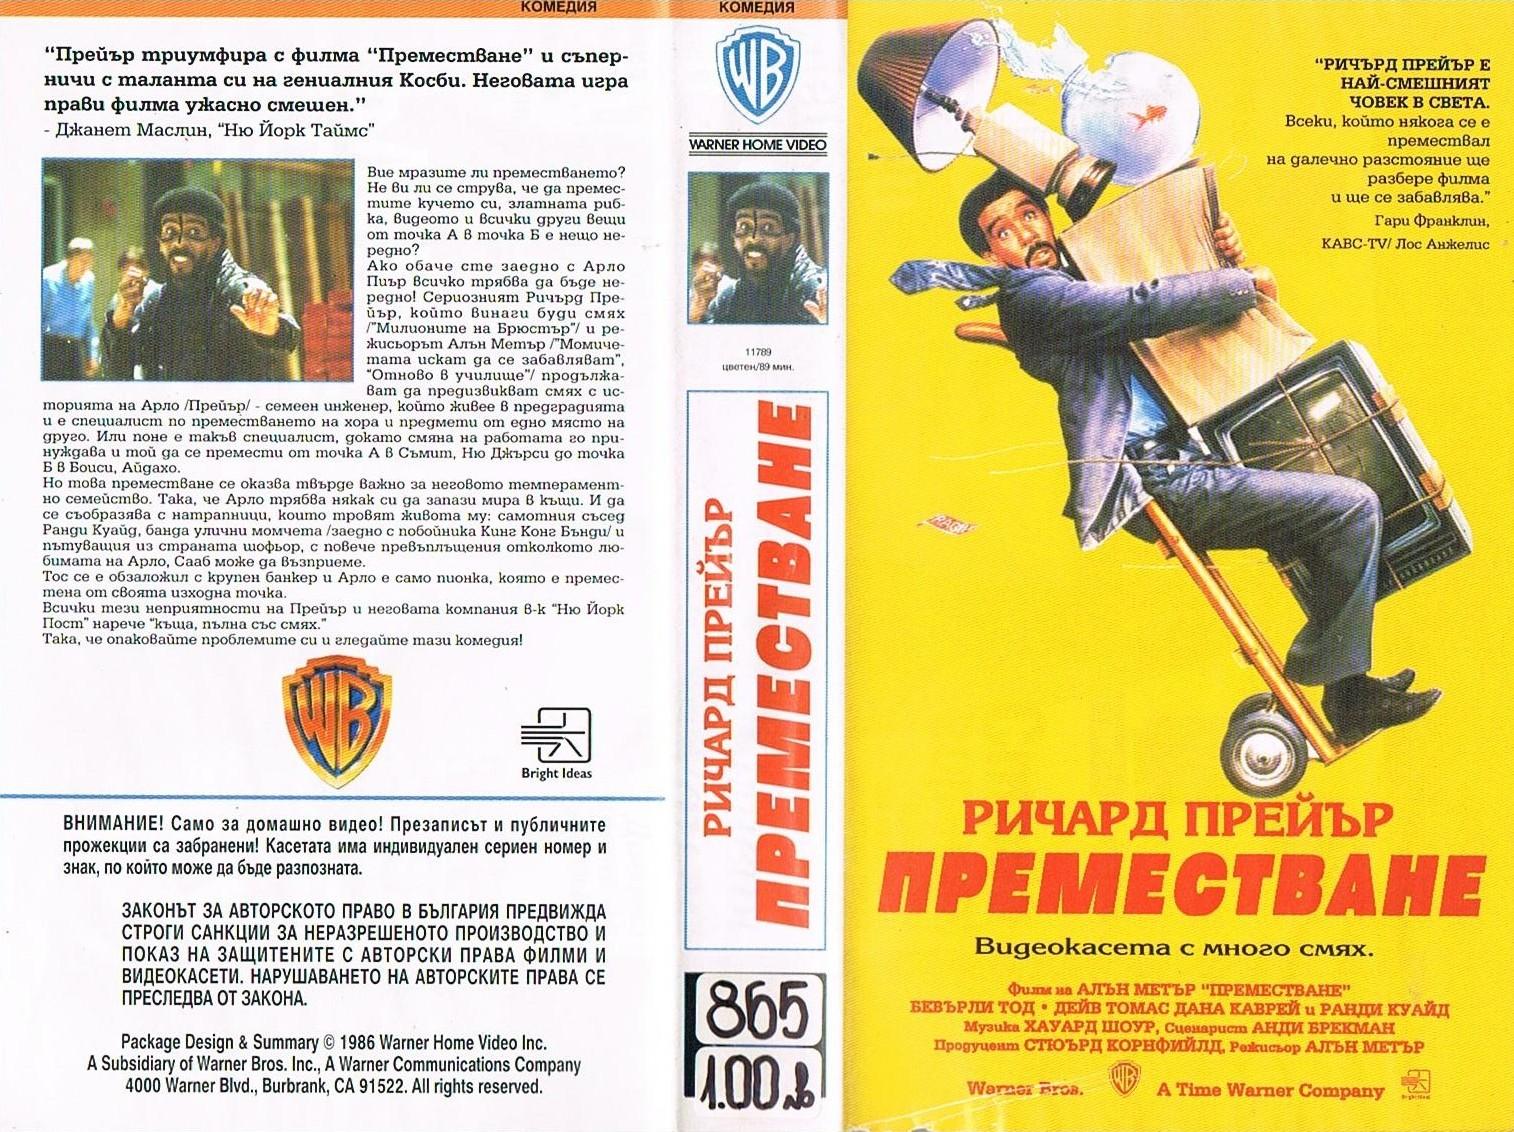 Преместване филм постер